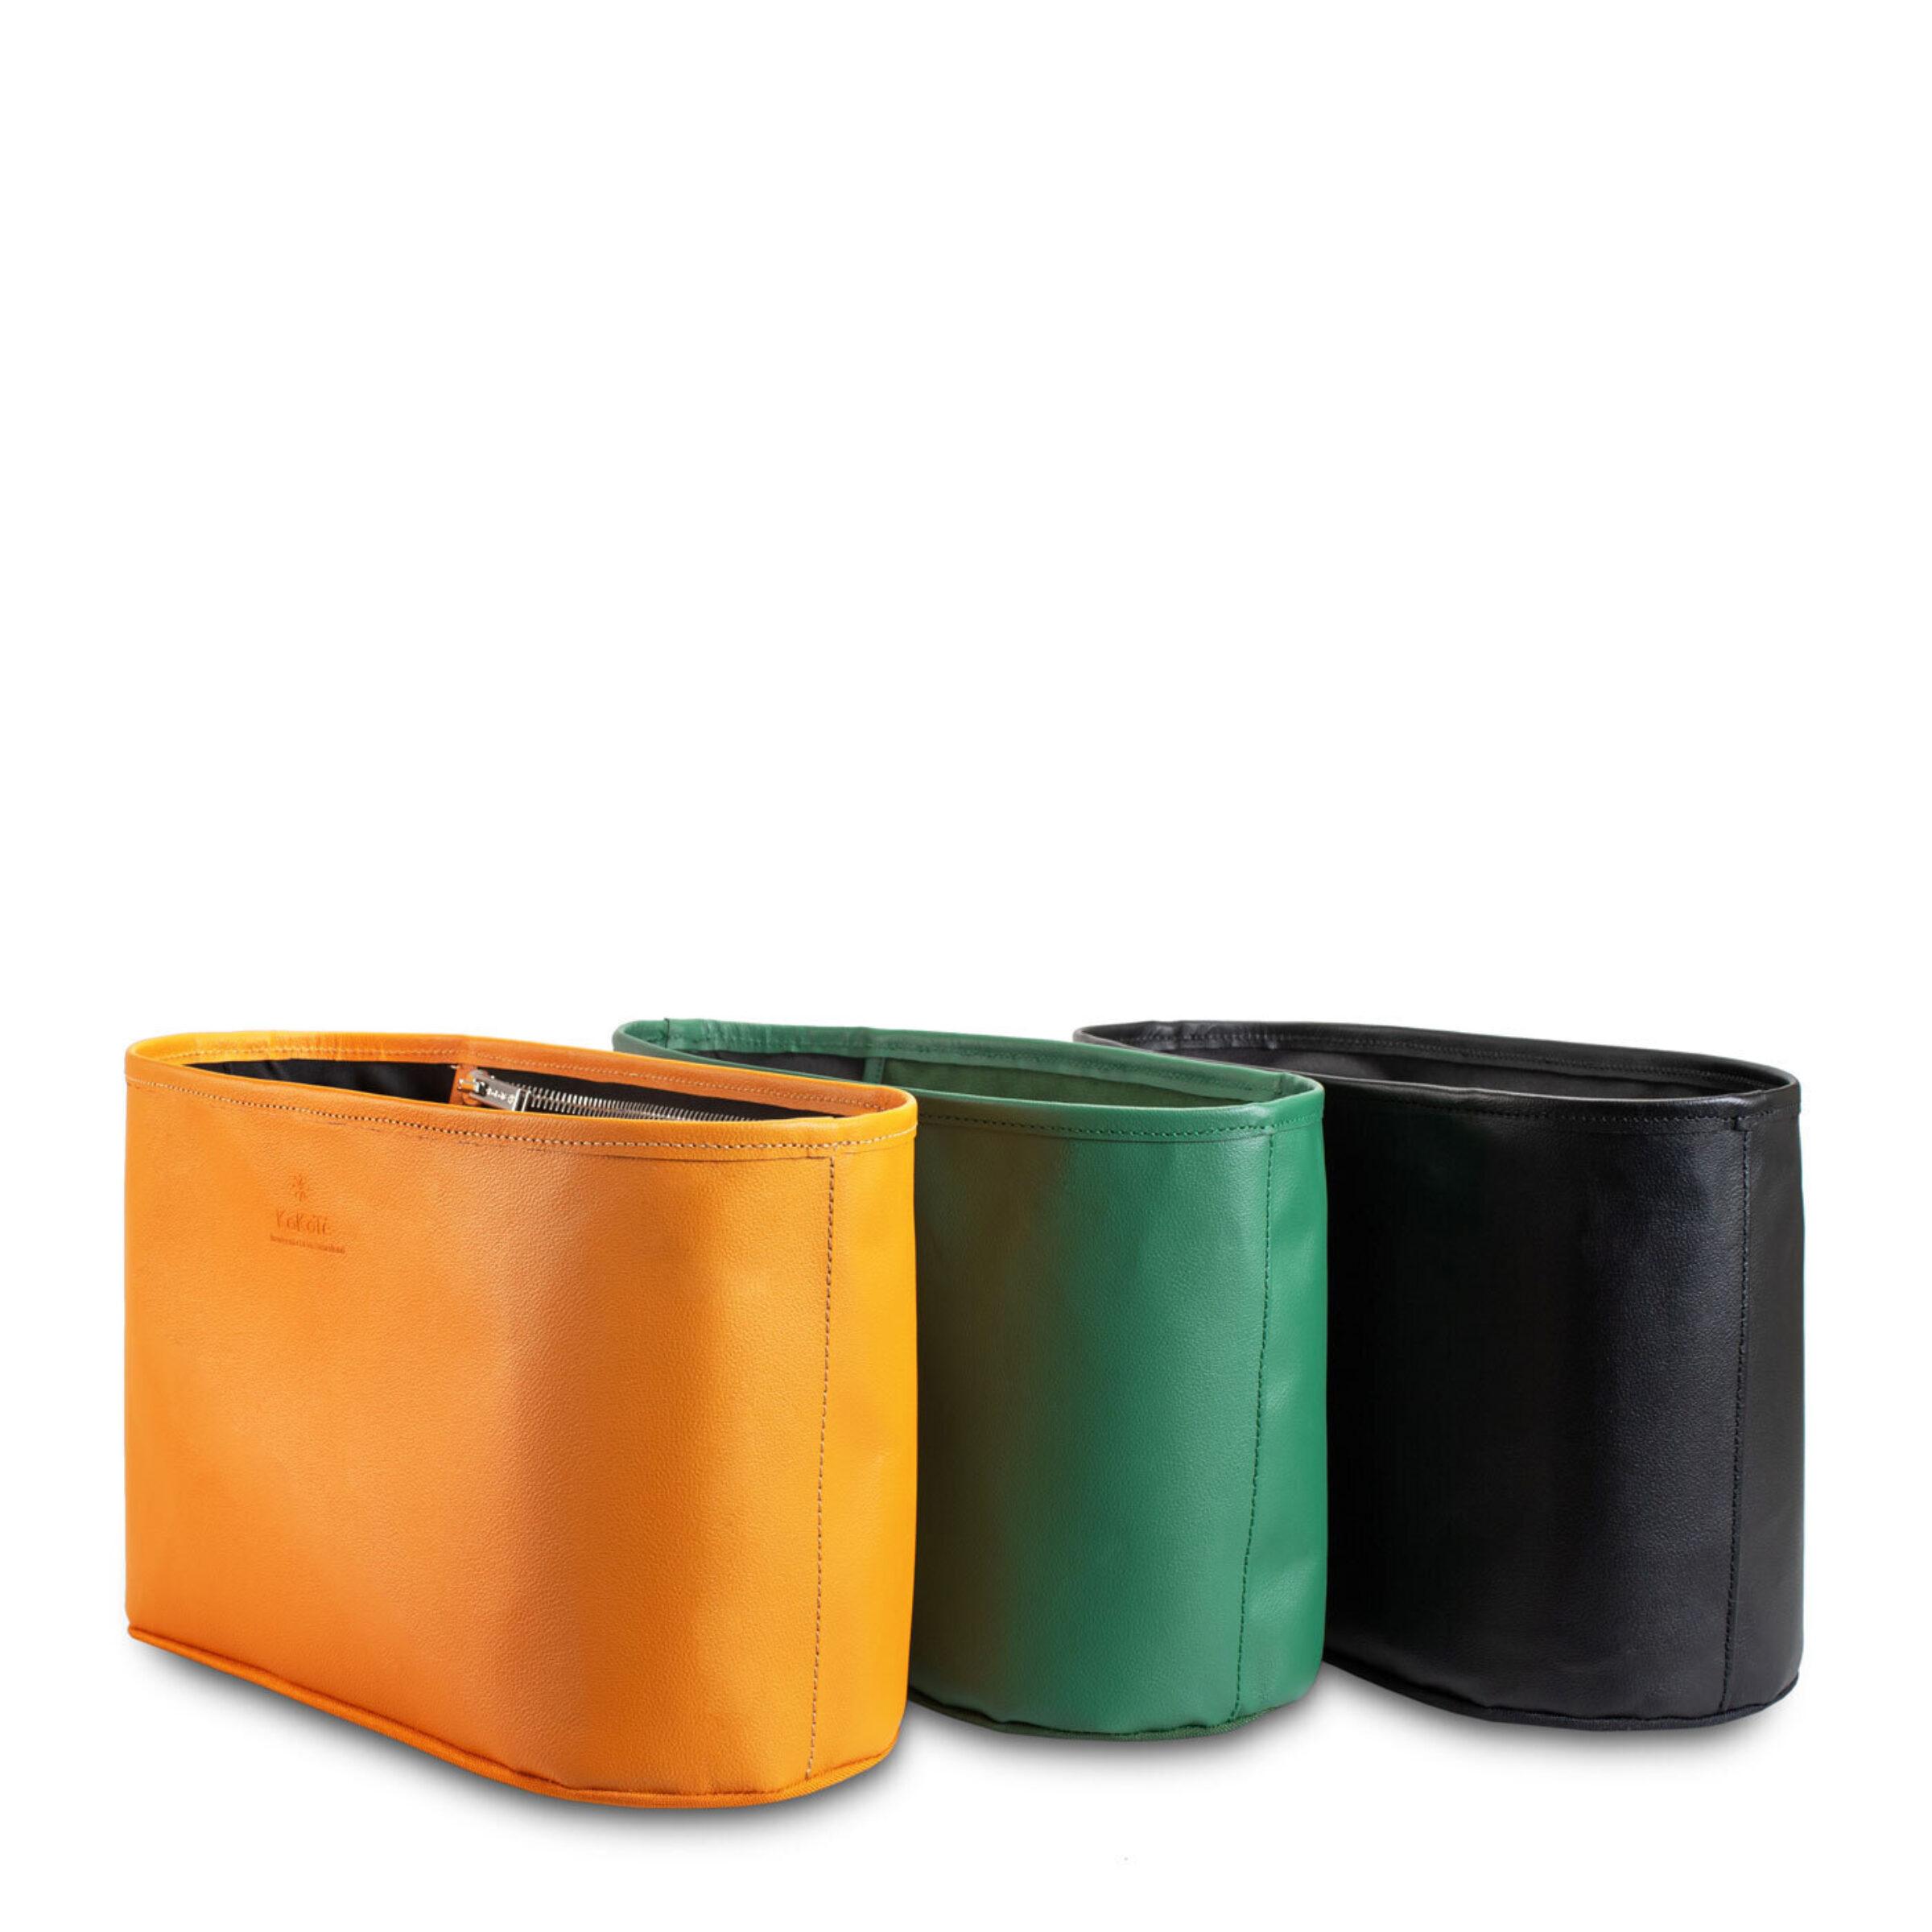 2 Diäner Innentaschen 3 Farben